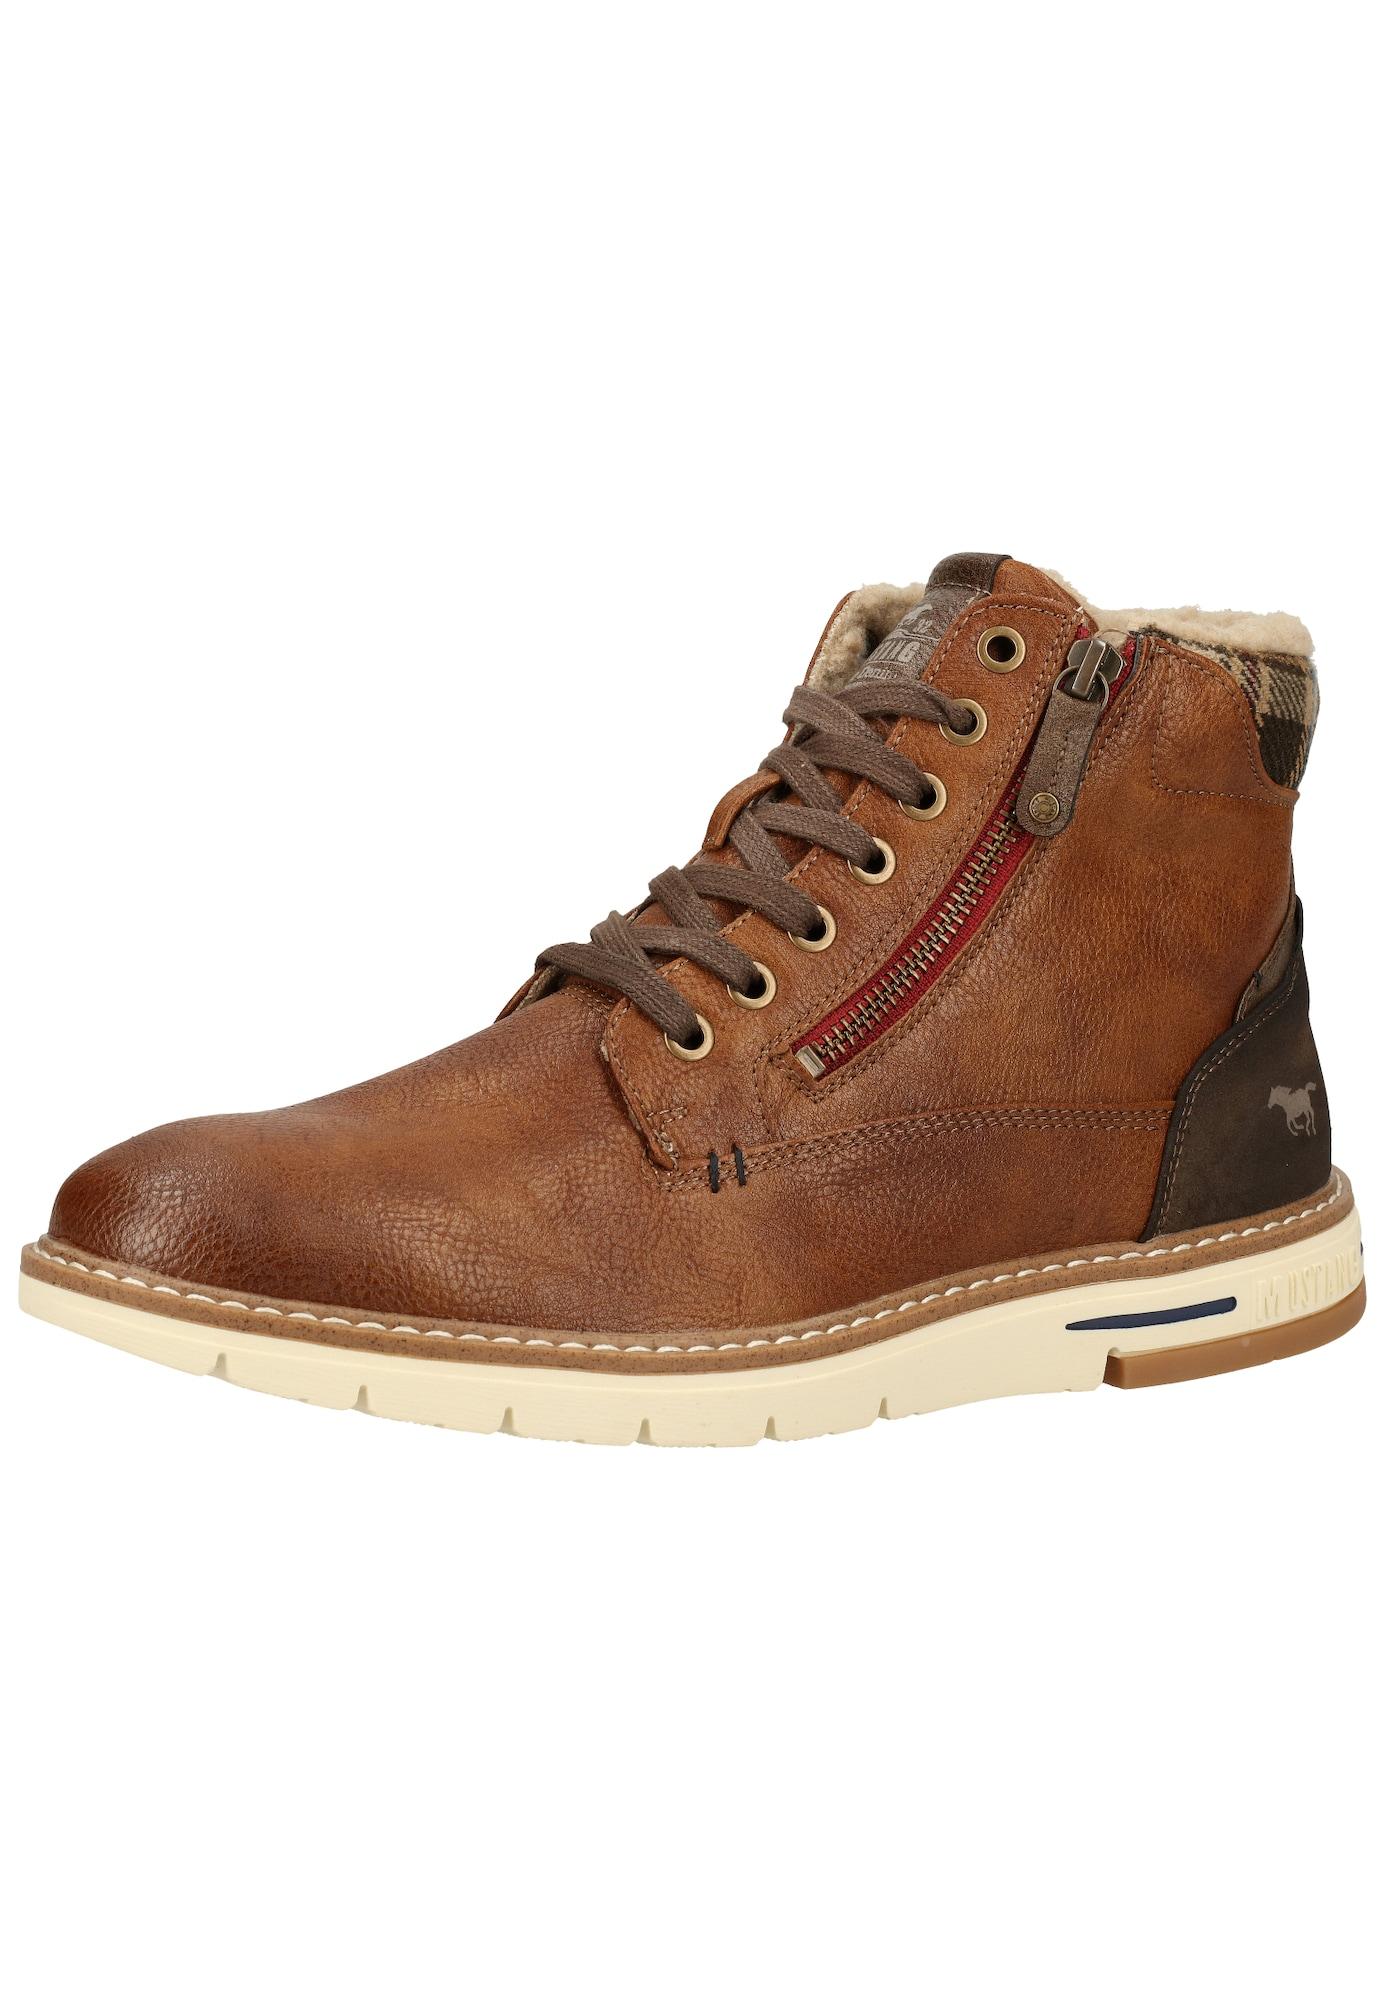 MUSTANG Auliniai batai su raišteliais tamsiai ruda / karamelės / gelsvai pilka spalva